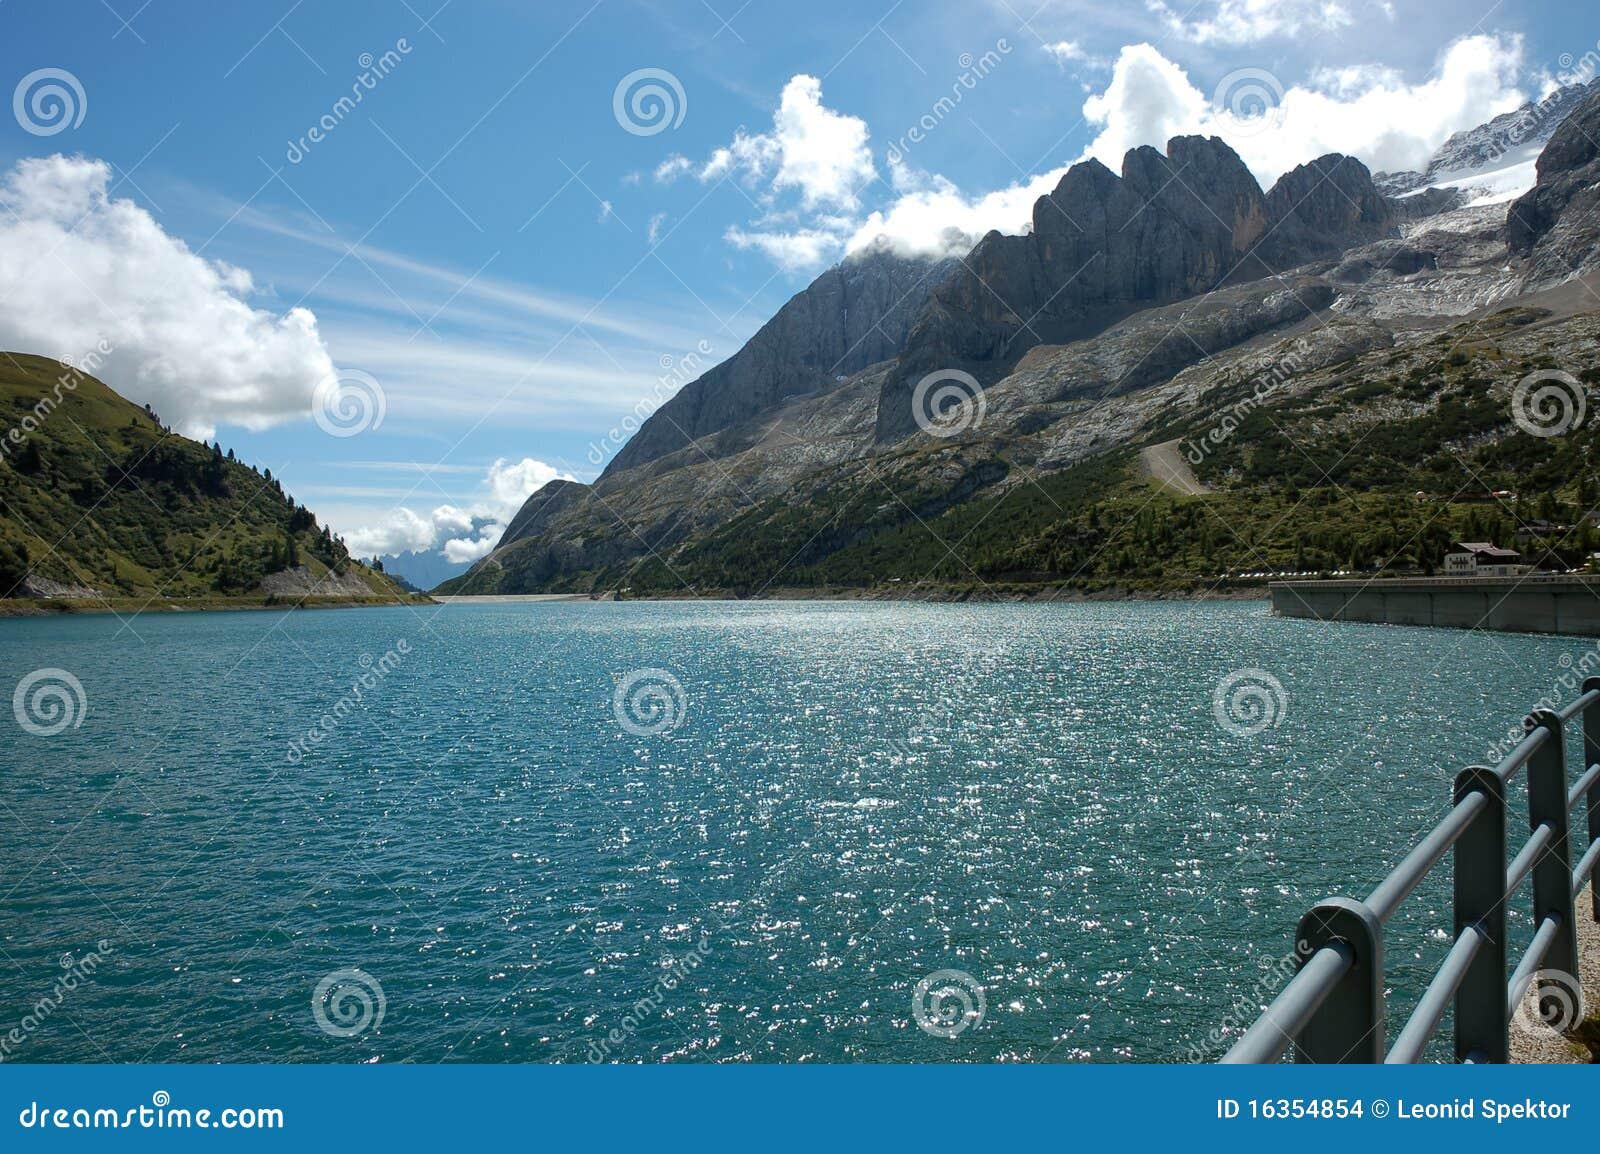 Fedaia Lake, Italian Dolomites.